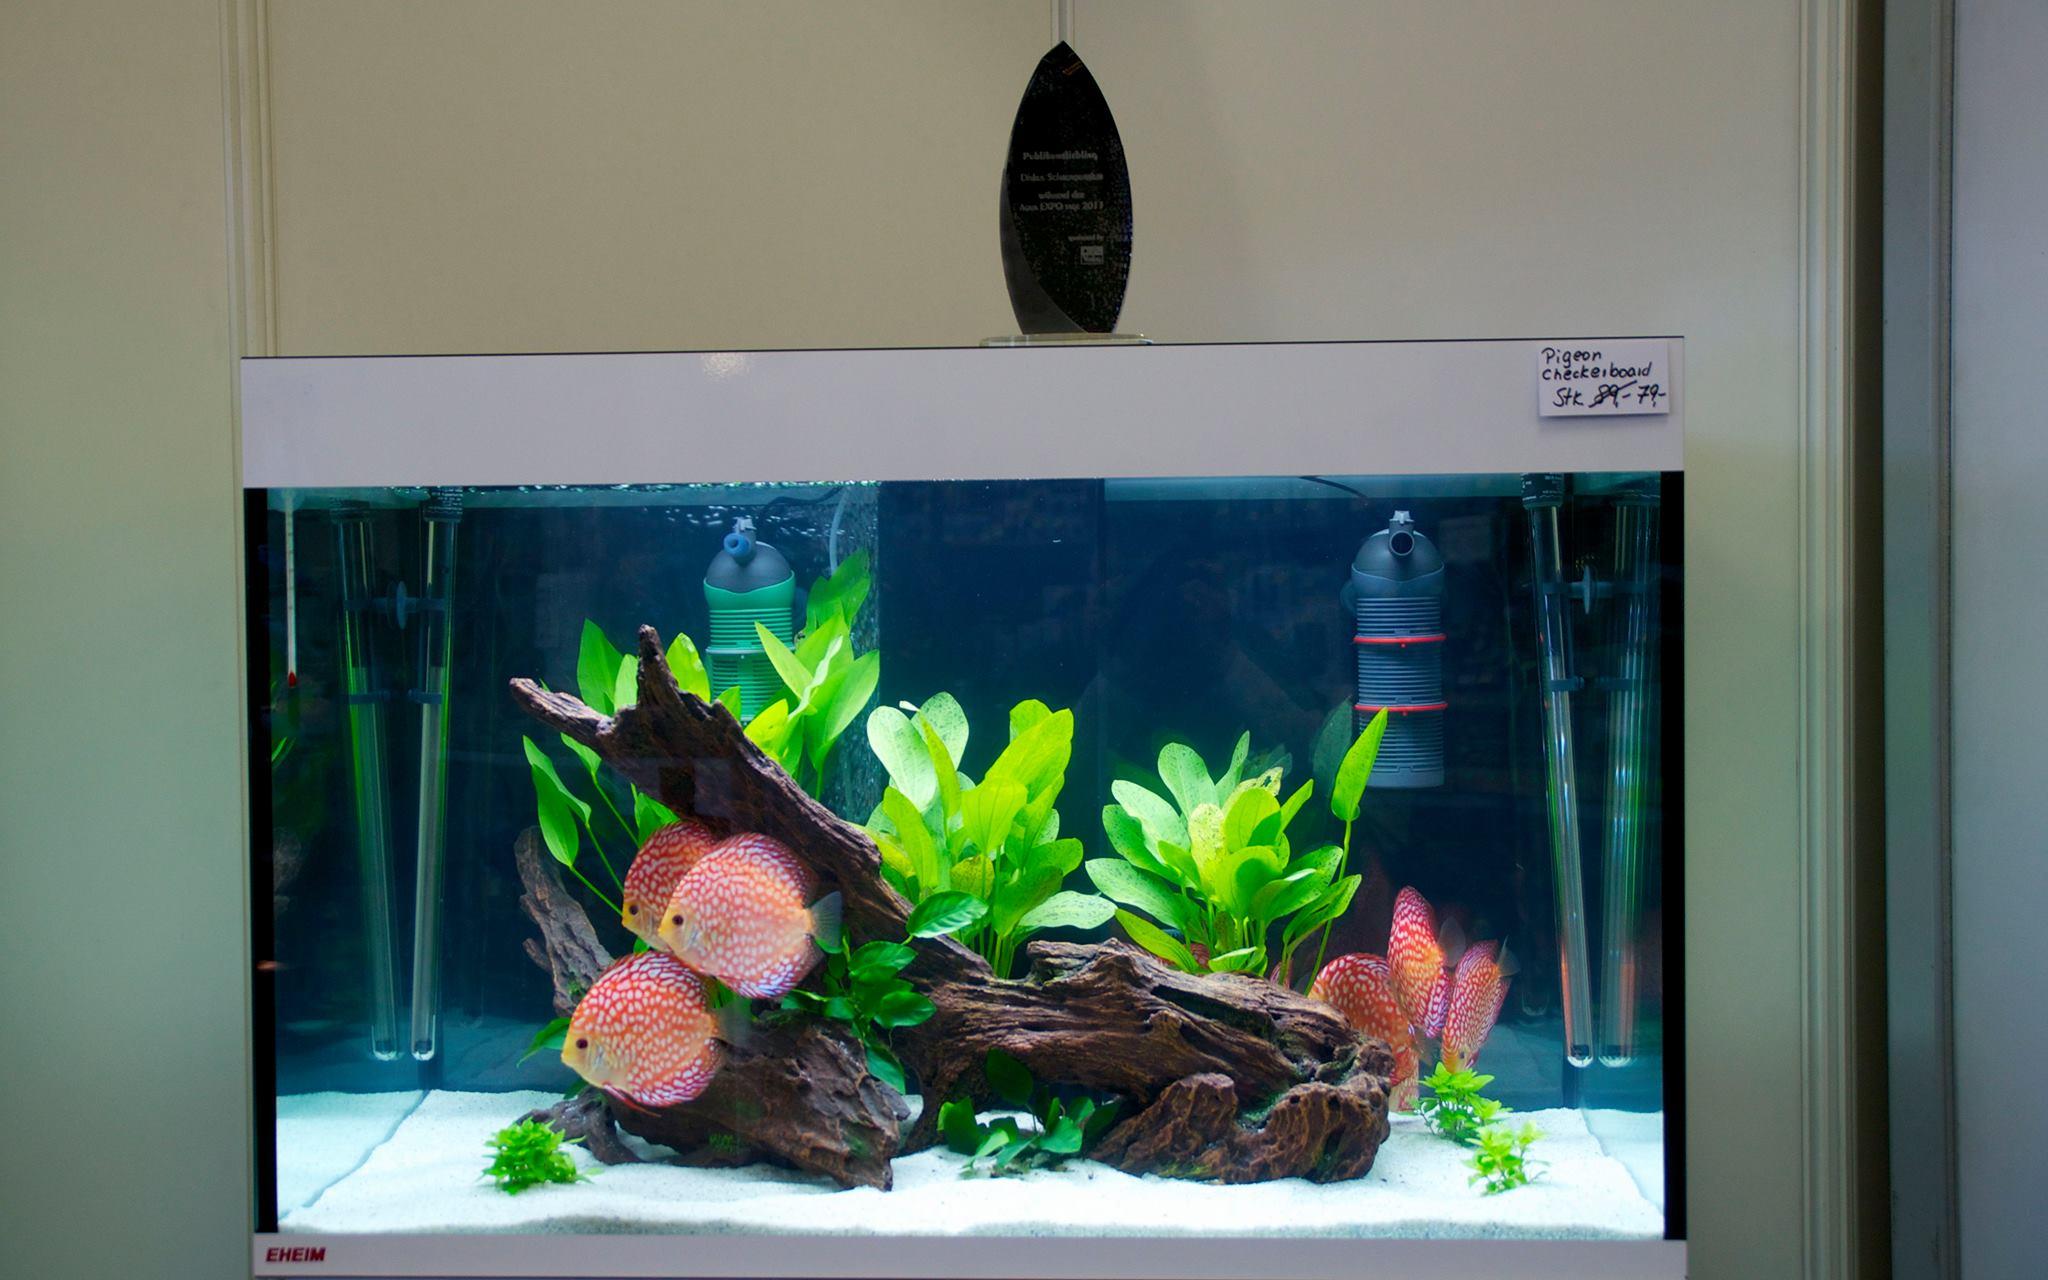 Diskus direkt in der pressediskusfische kaufen for Diskus aquarium